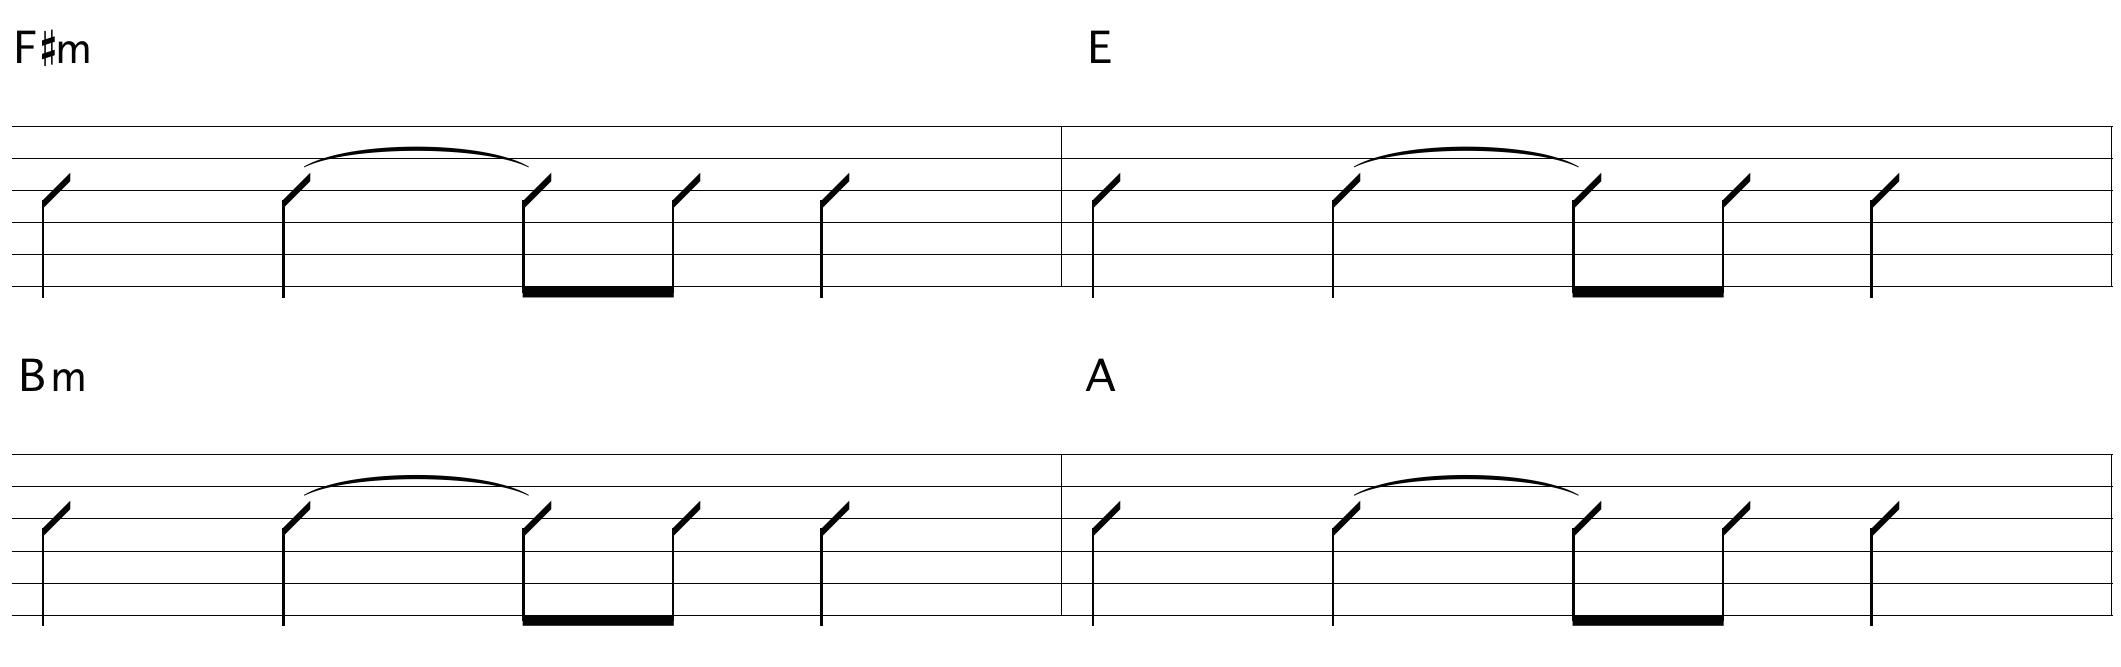 learn-rhythm-guitar_2.png